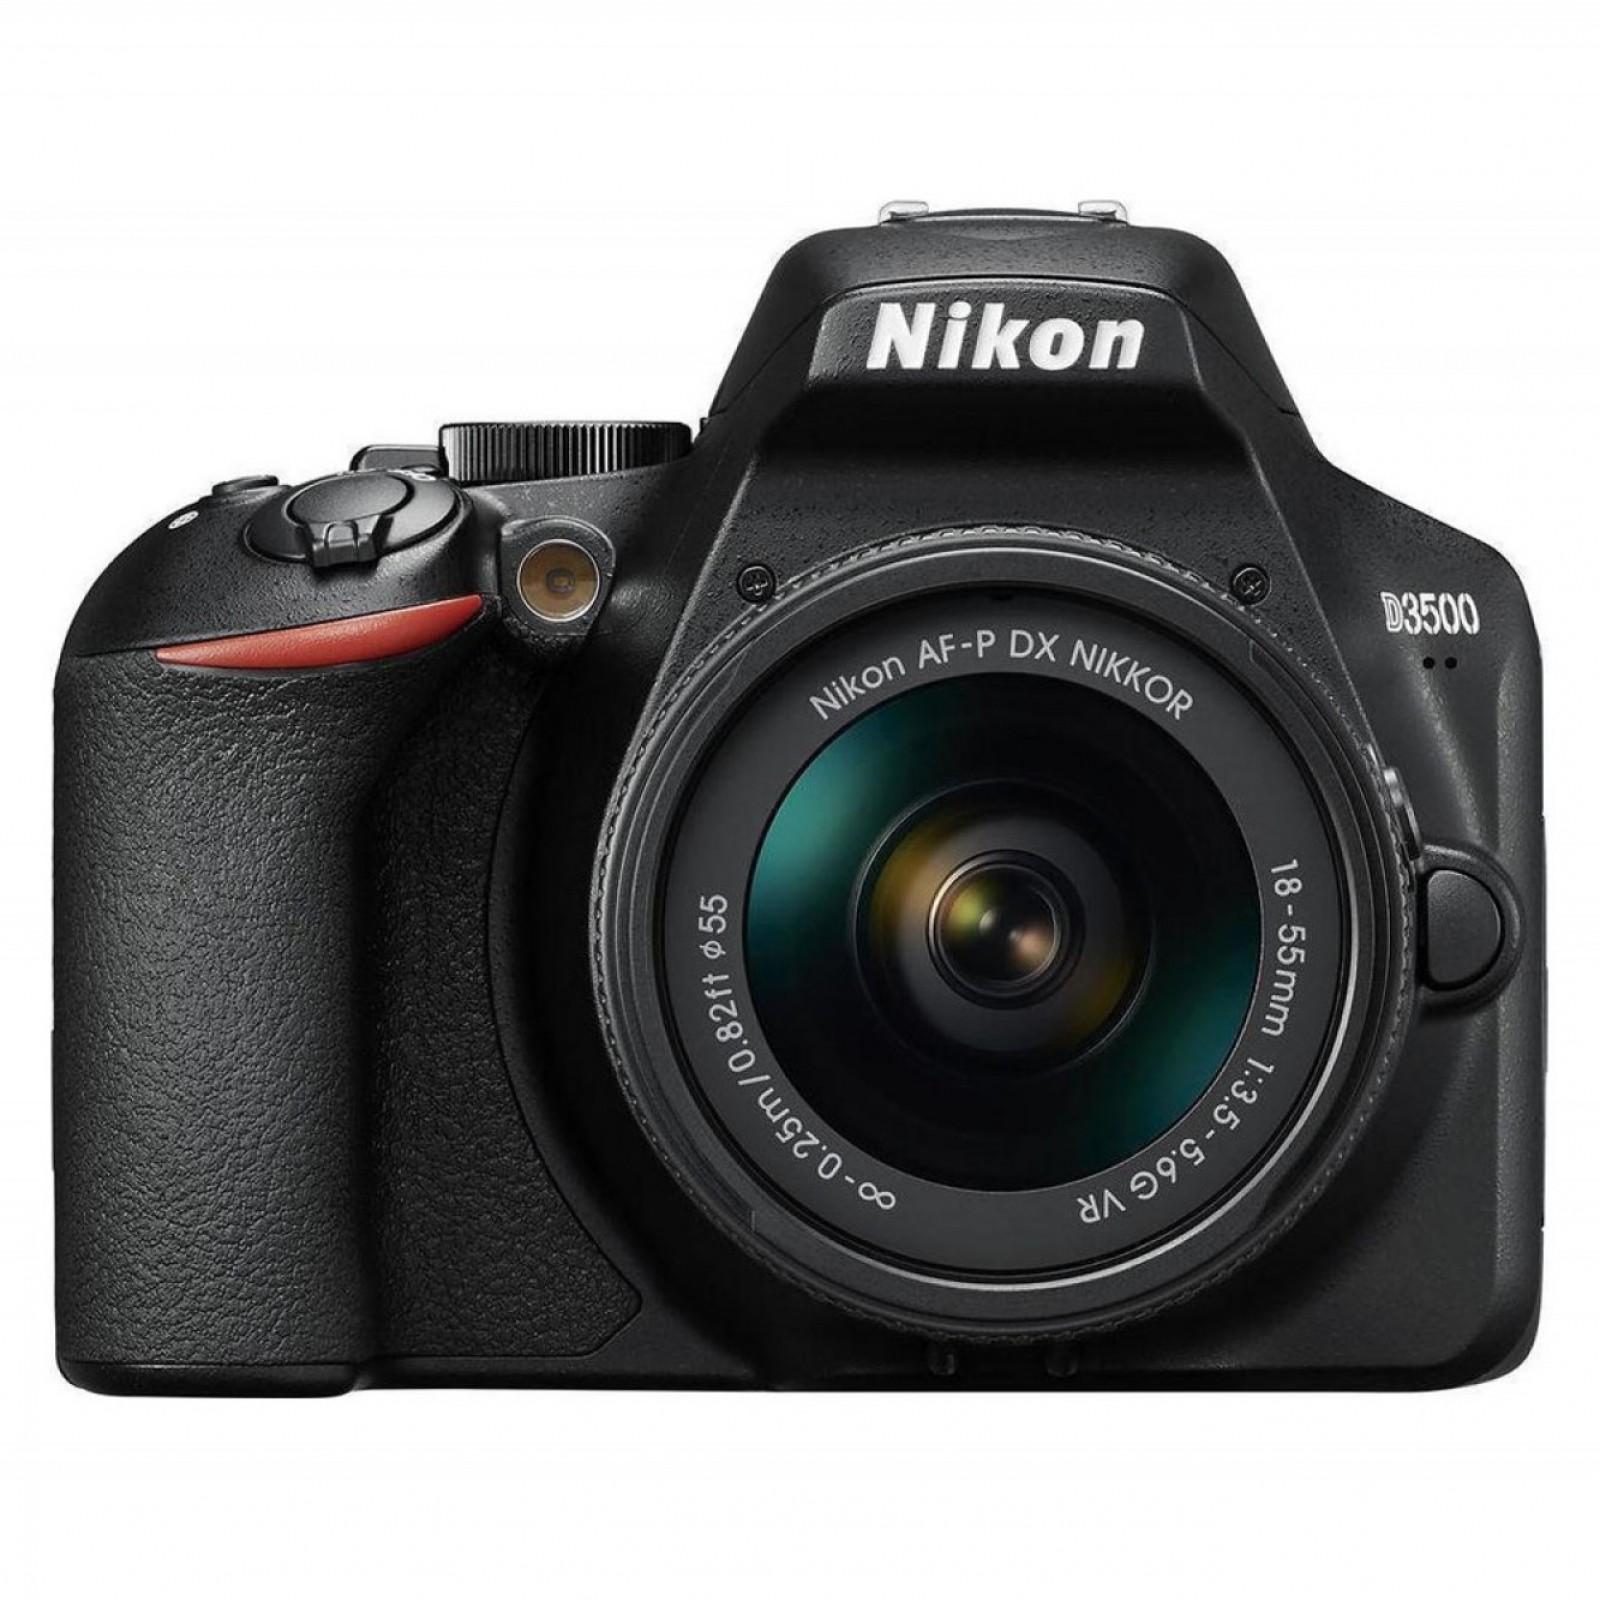 Nikon D3500 Kit (AF-P DX 18-55mm VR) Black